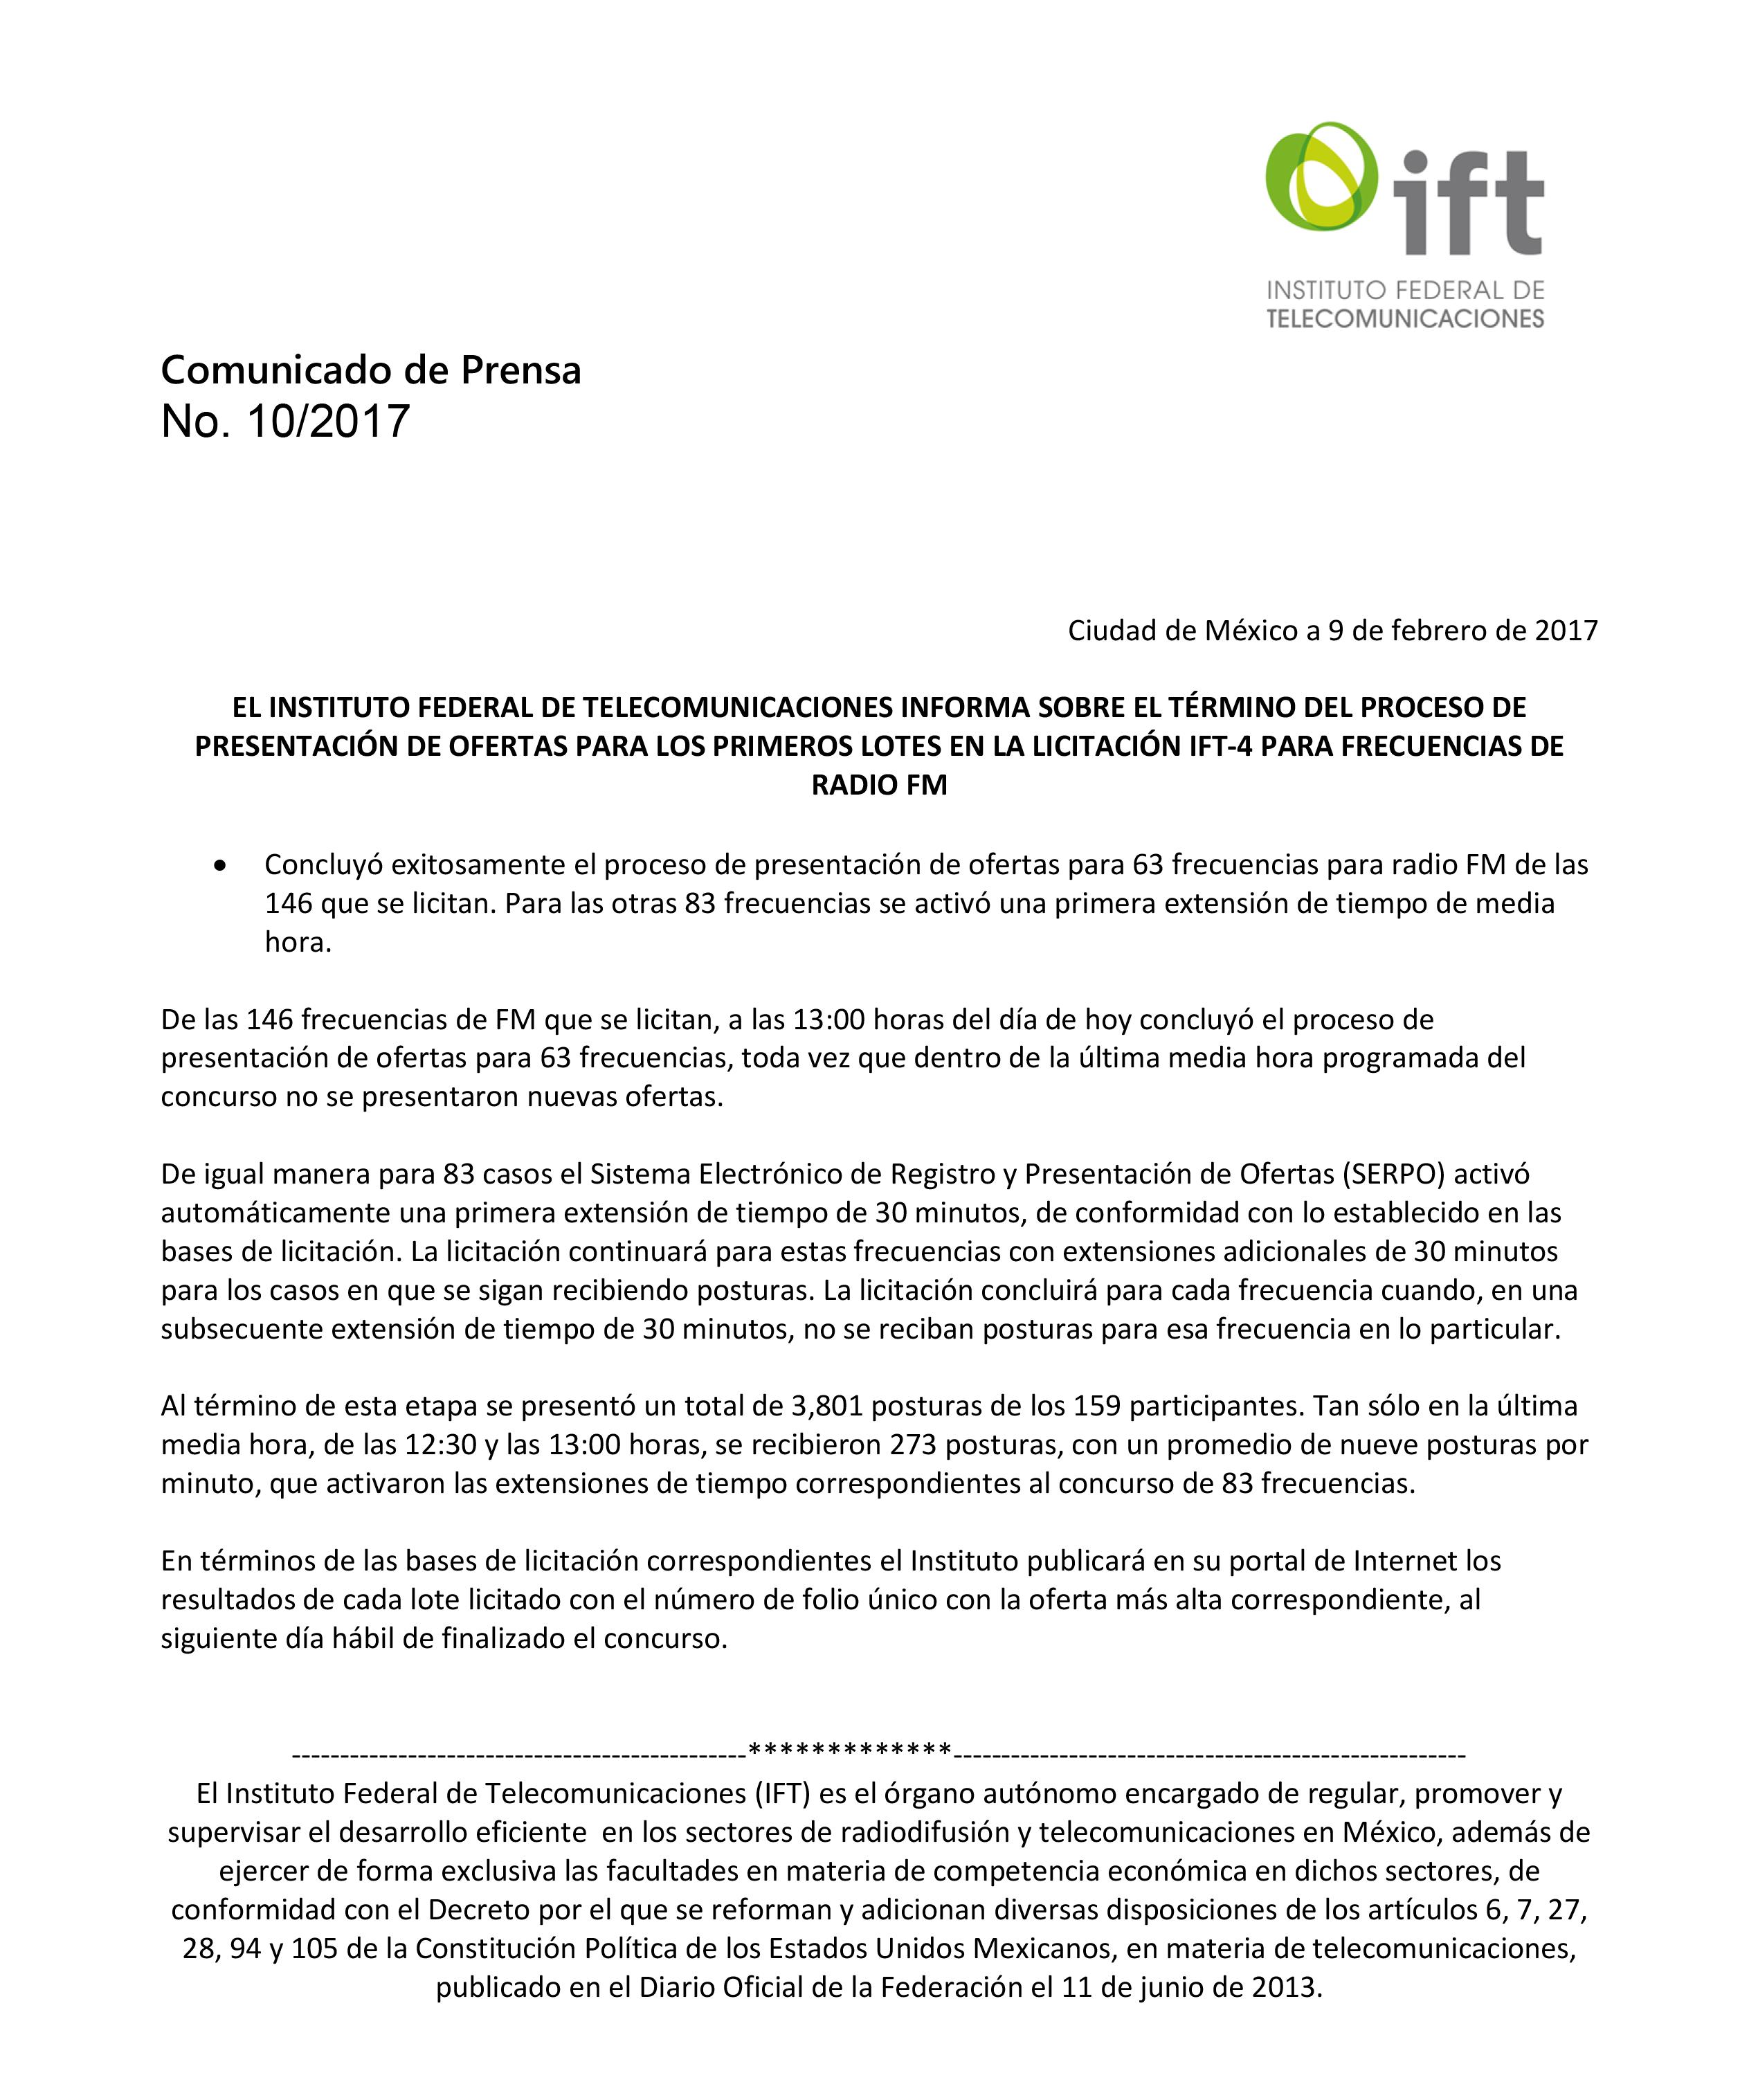 Licitación IFT